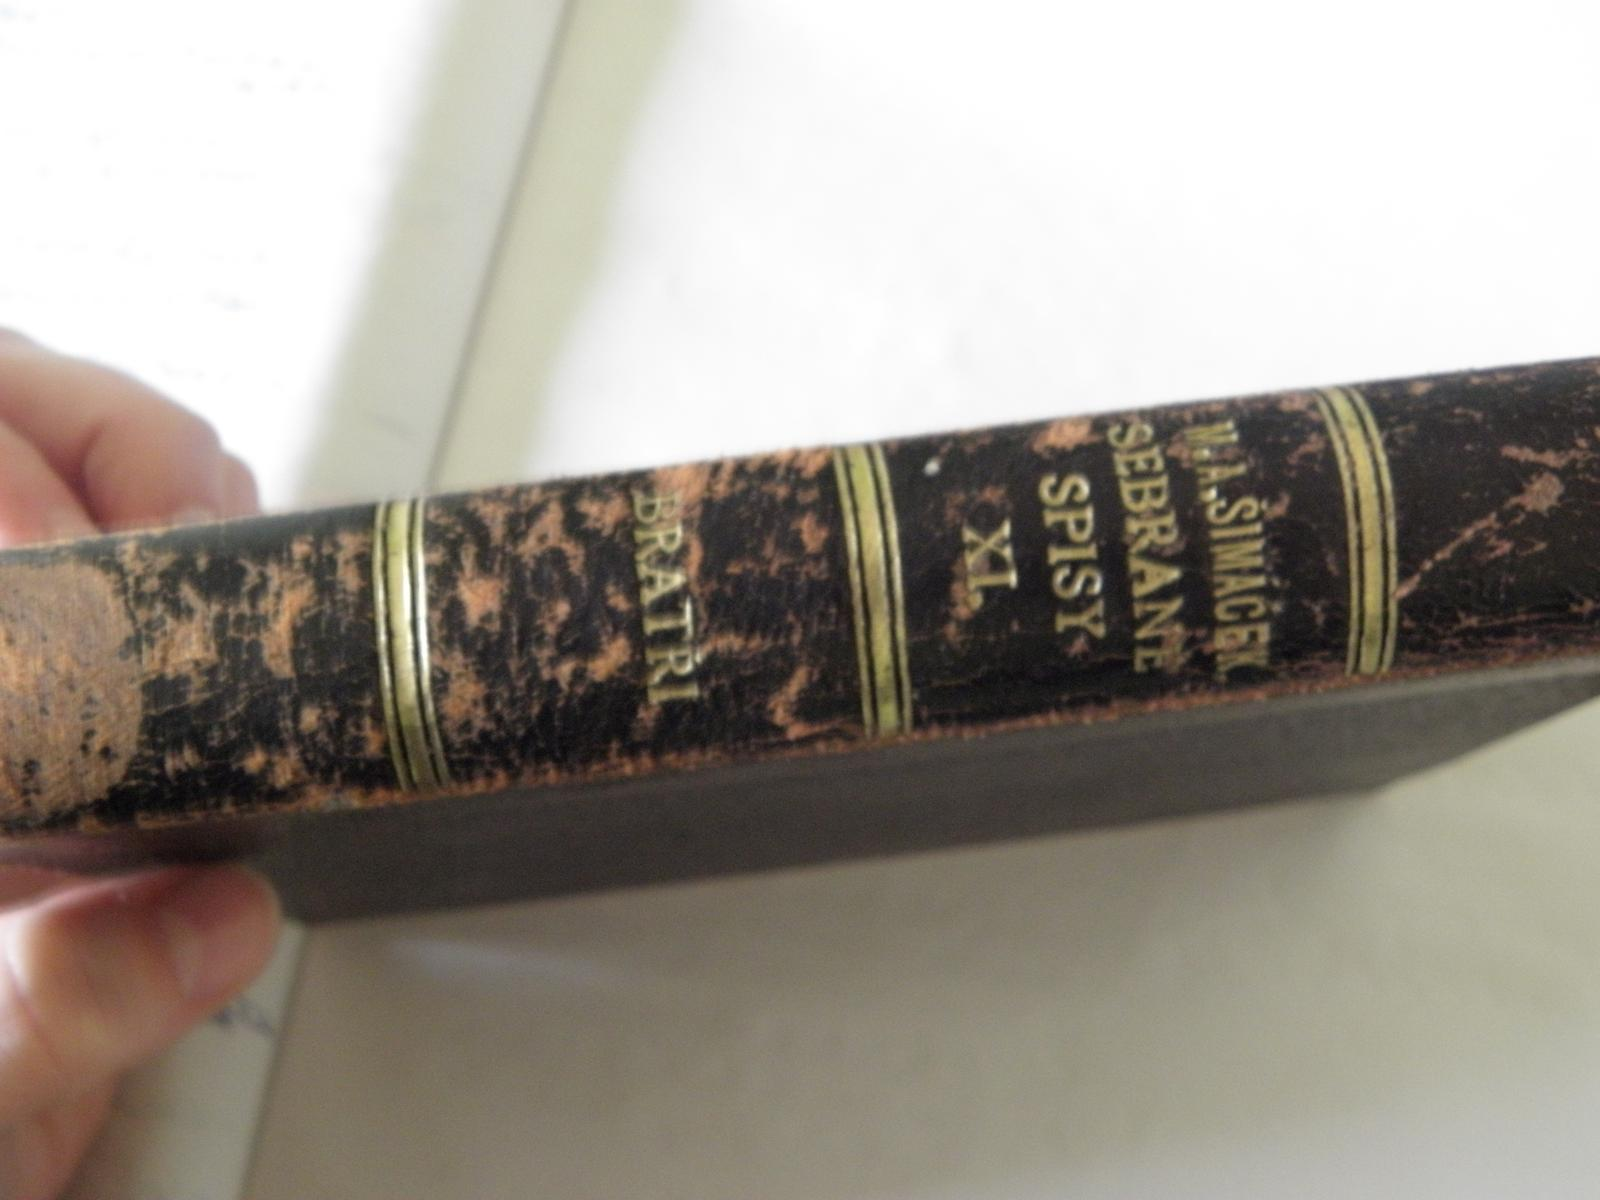 Selská svatba + Má tvorba - tak tohle je kniha vybraná pod prstýnky.. Je opravdu stará, přesně tak, jak jsem požadovala.. :) Krásně oprýskaná..